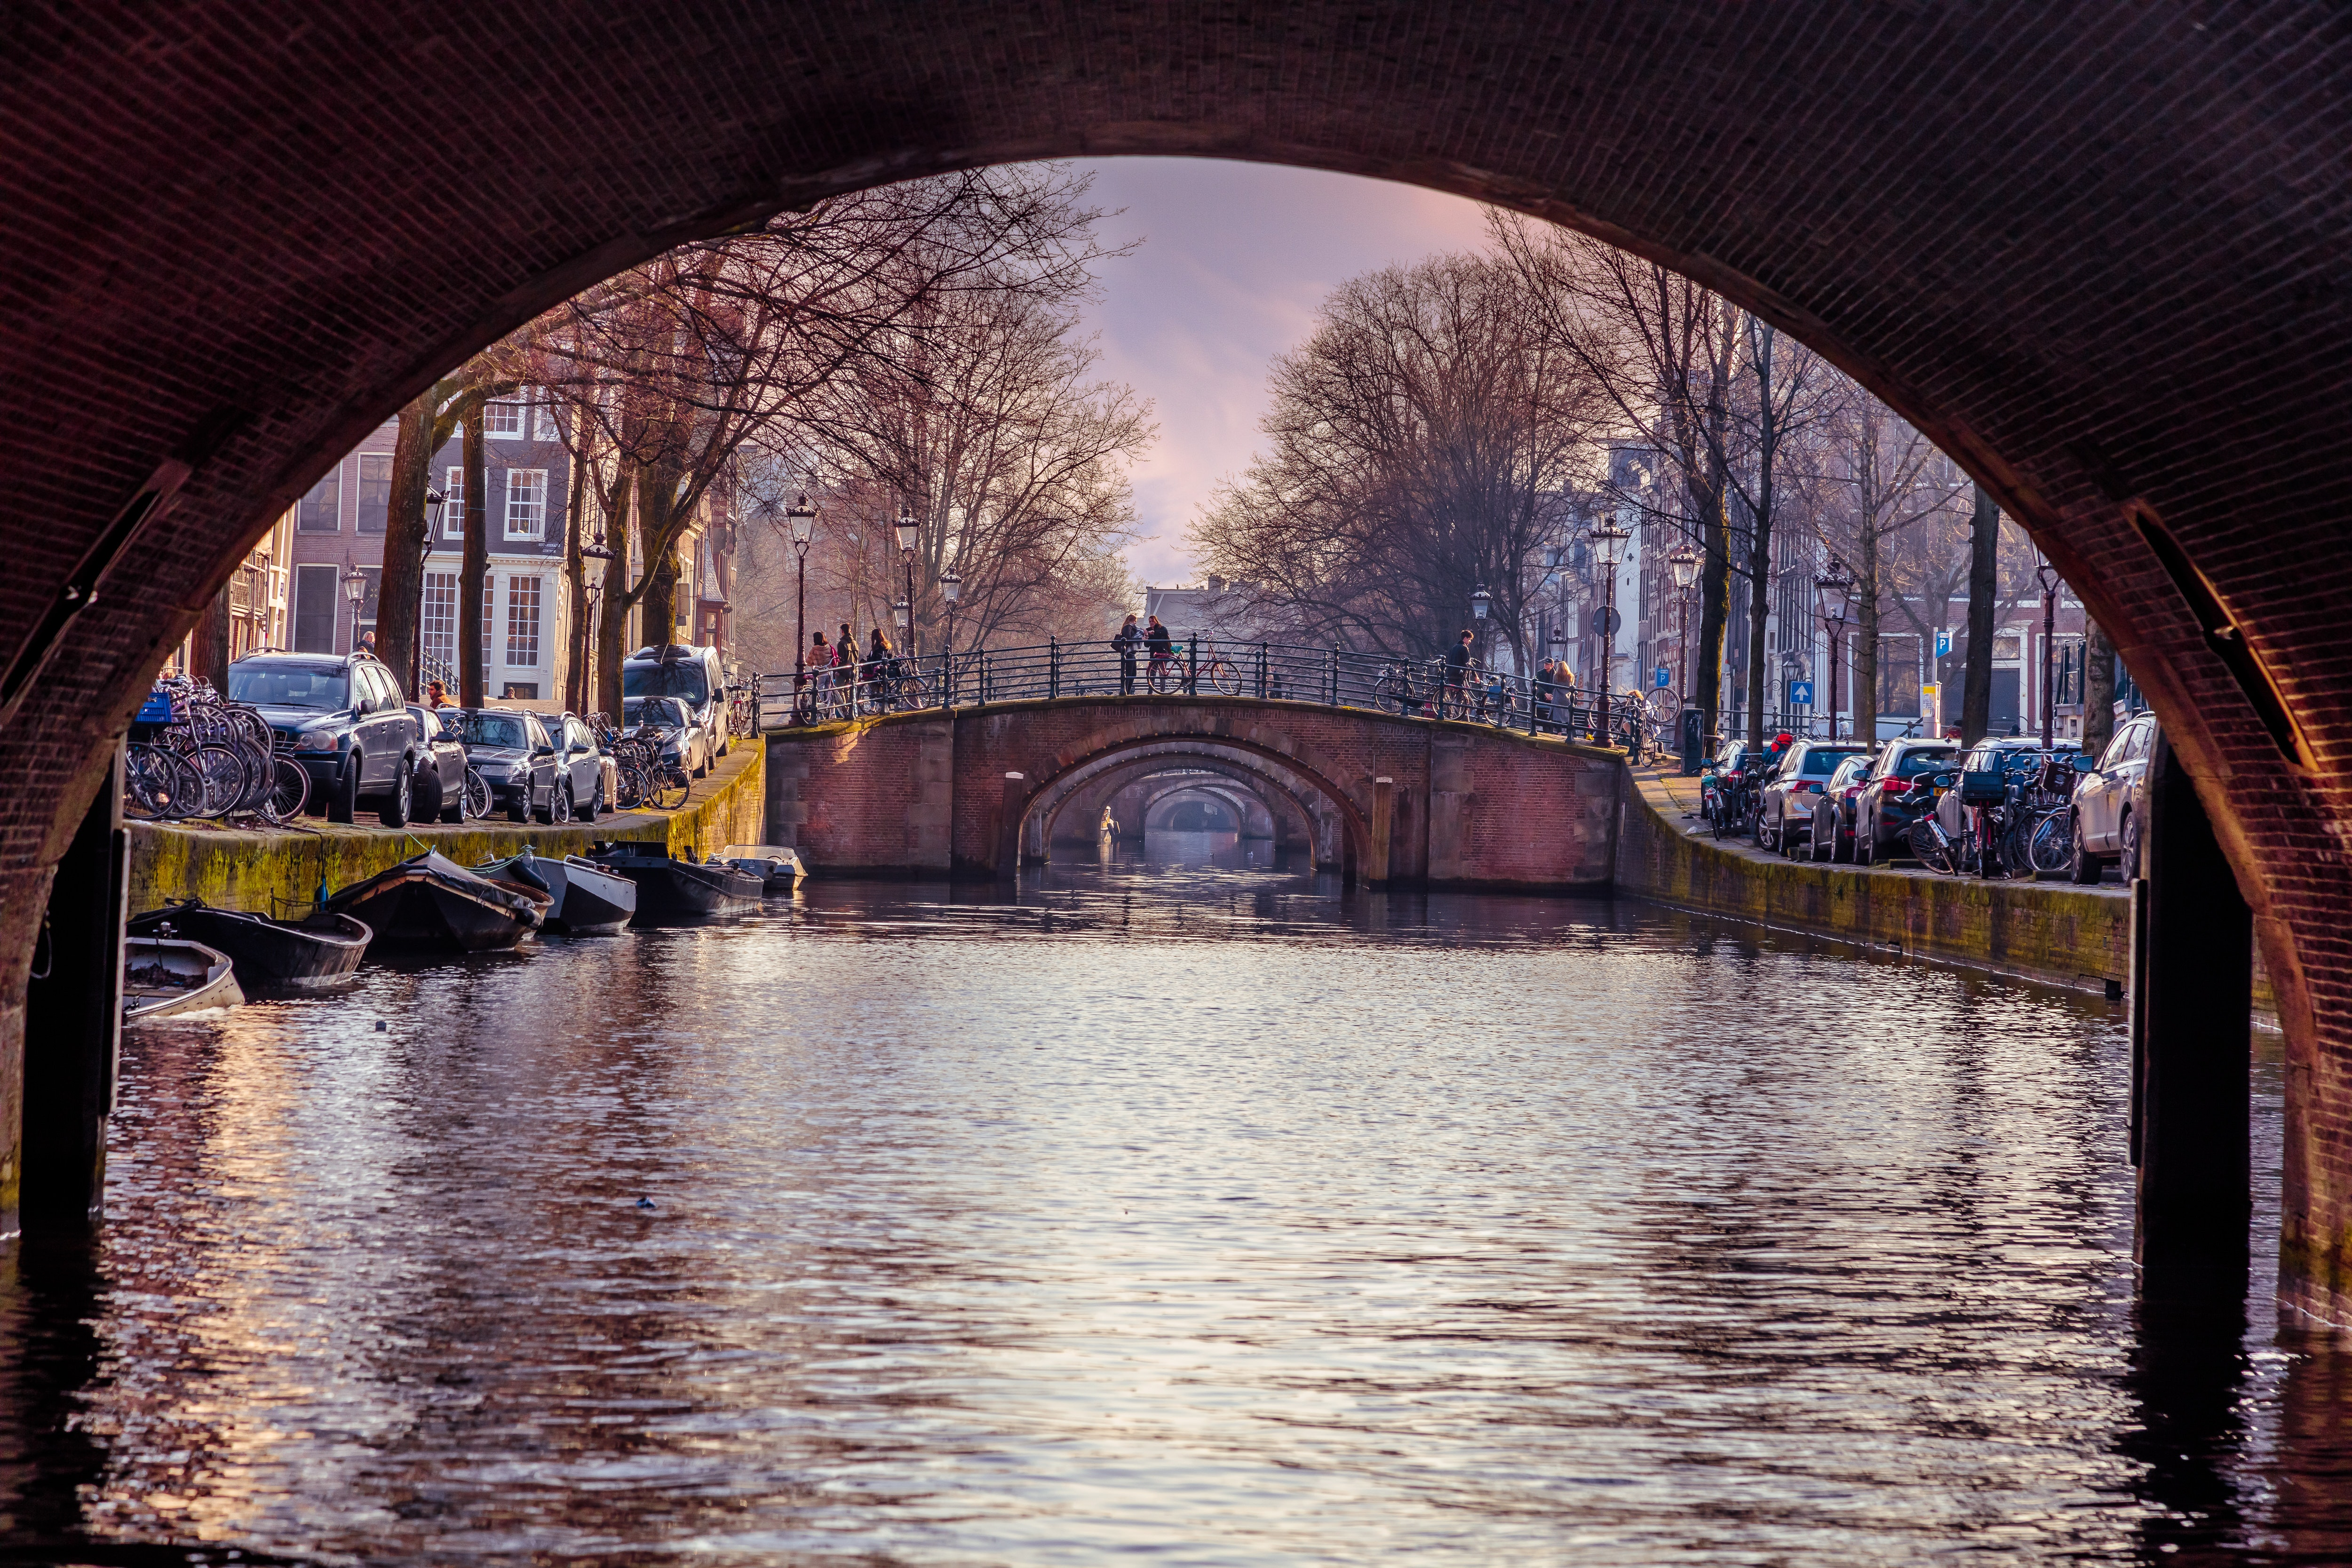 amsterdam-arch-arch-bridge-347254.jpg